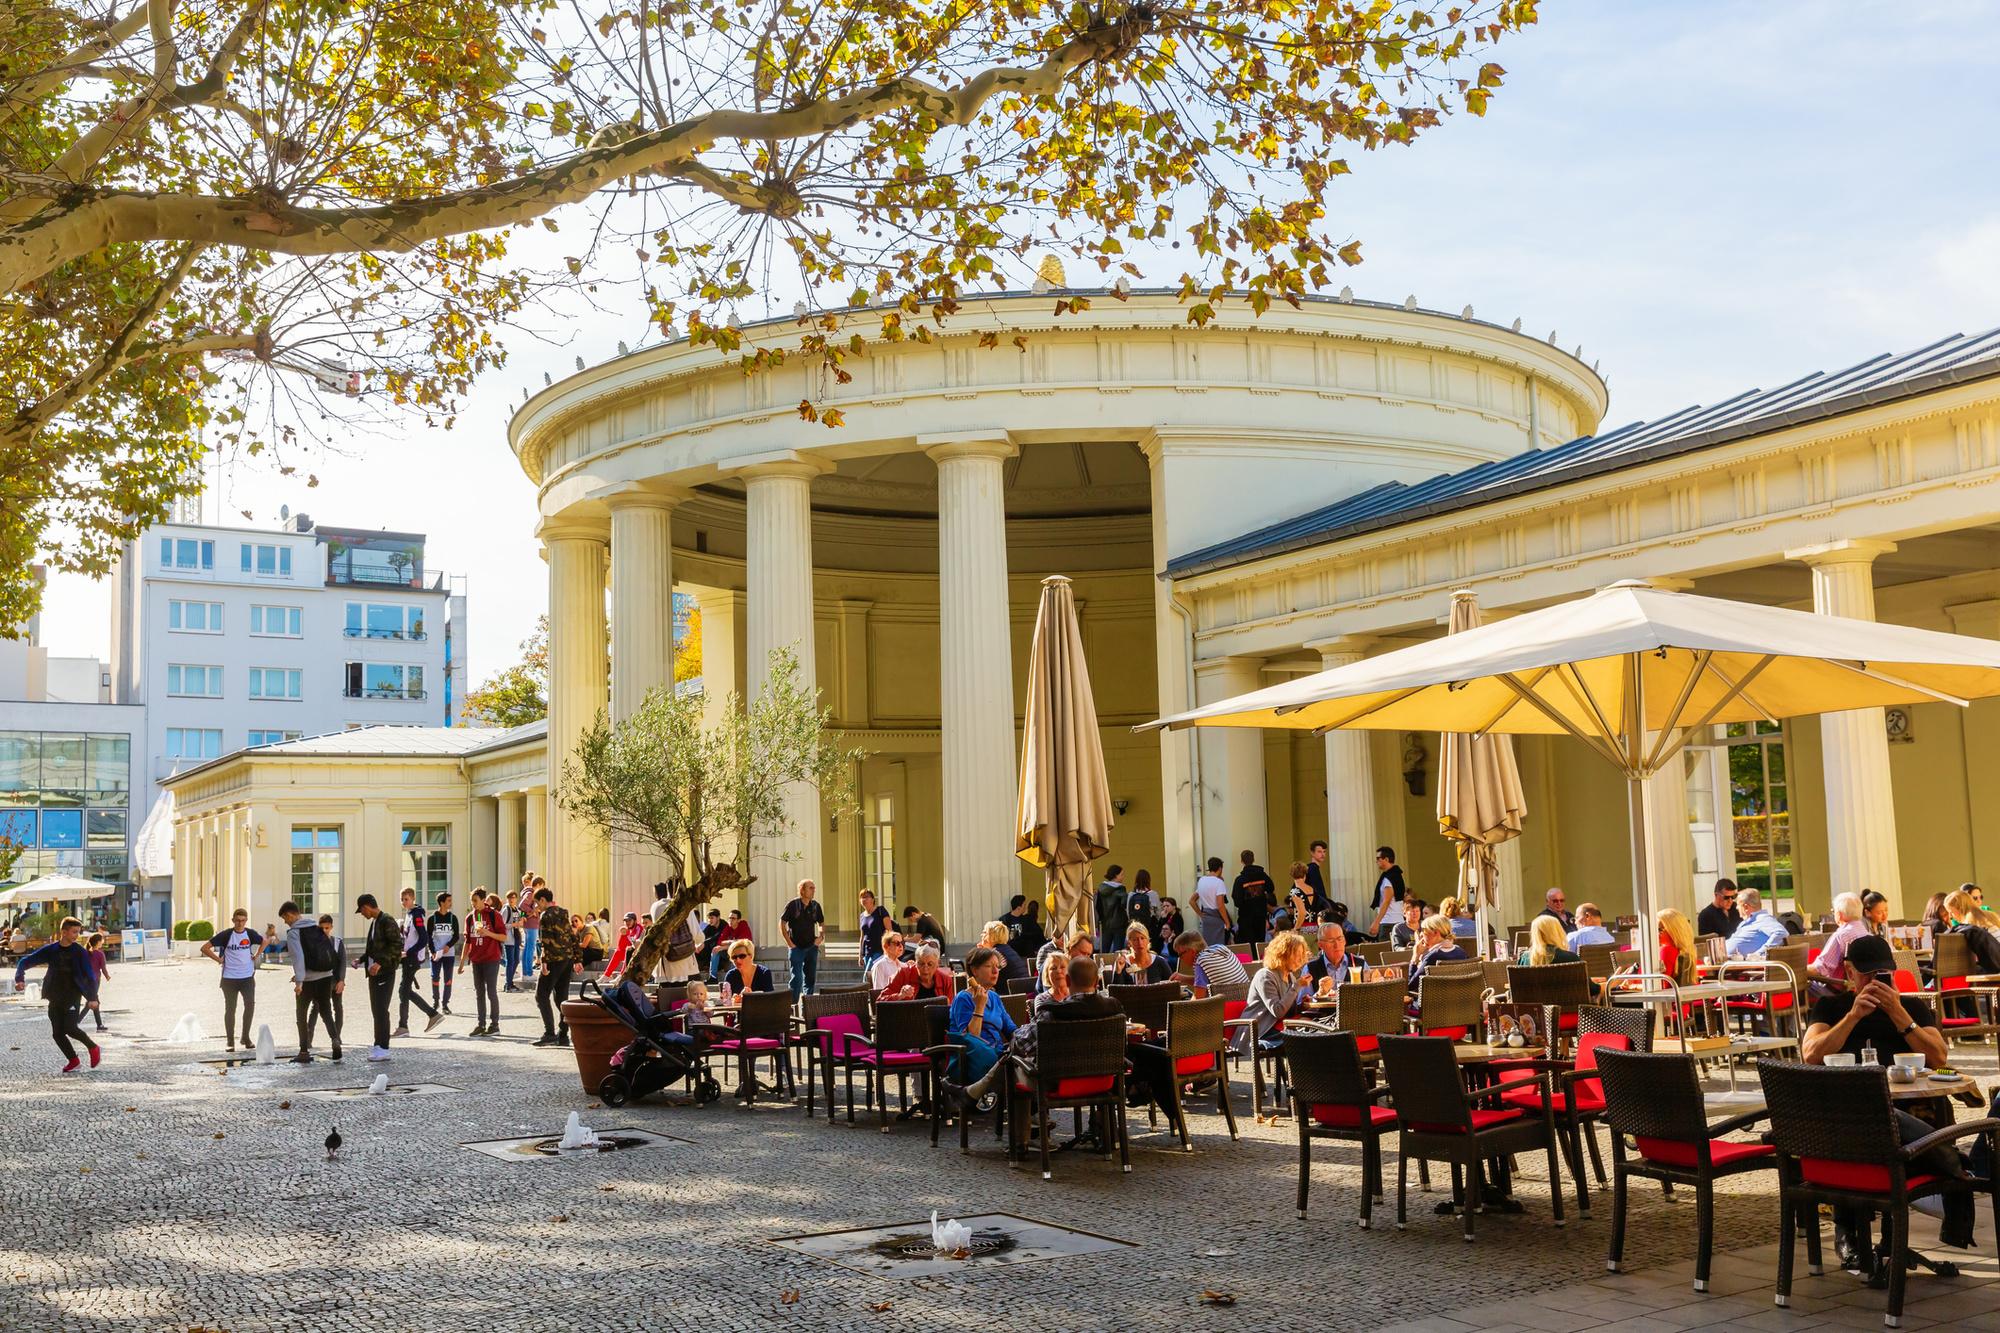 Elisenbrunnen, l'un des signes distinctifs de la ville, Getty